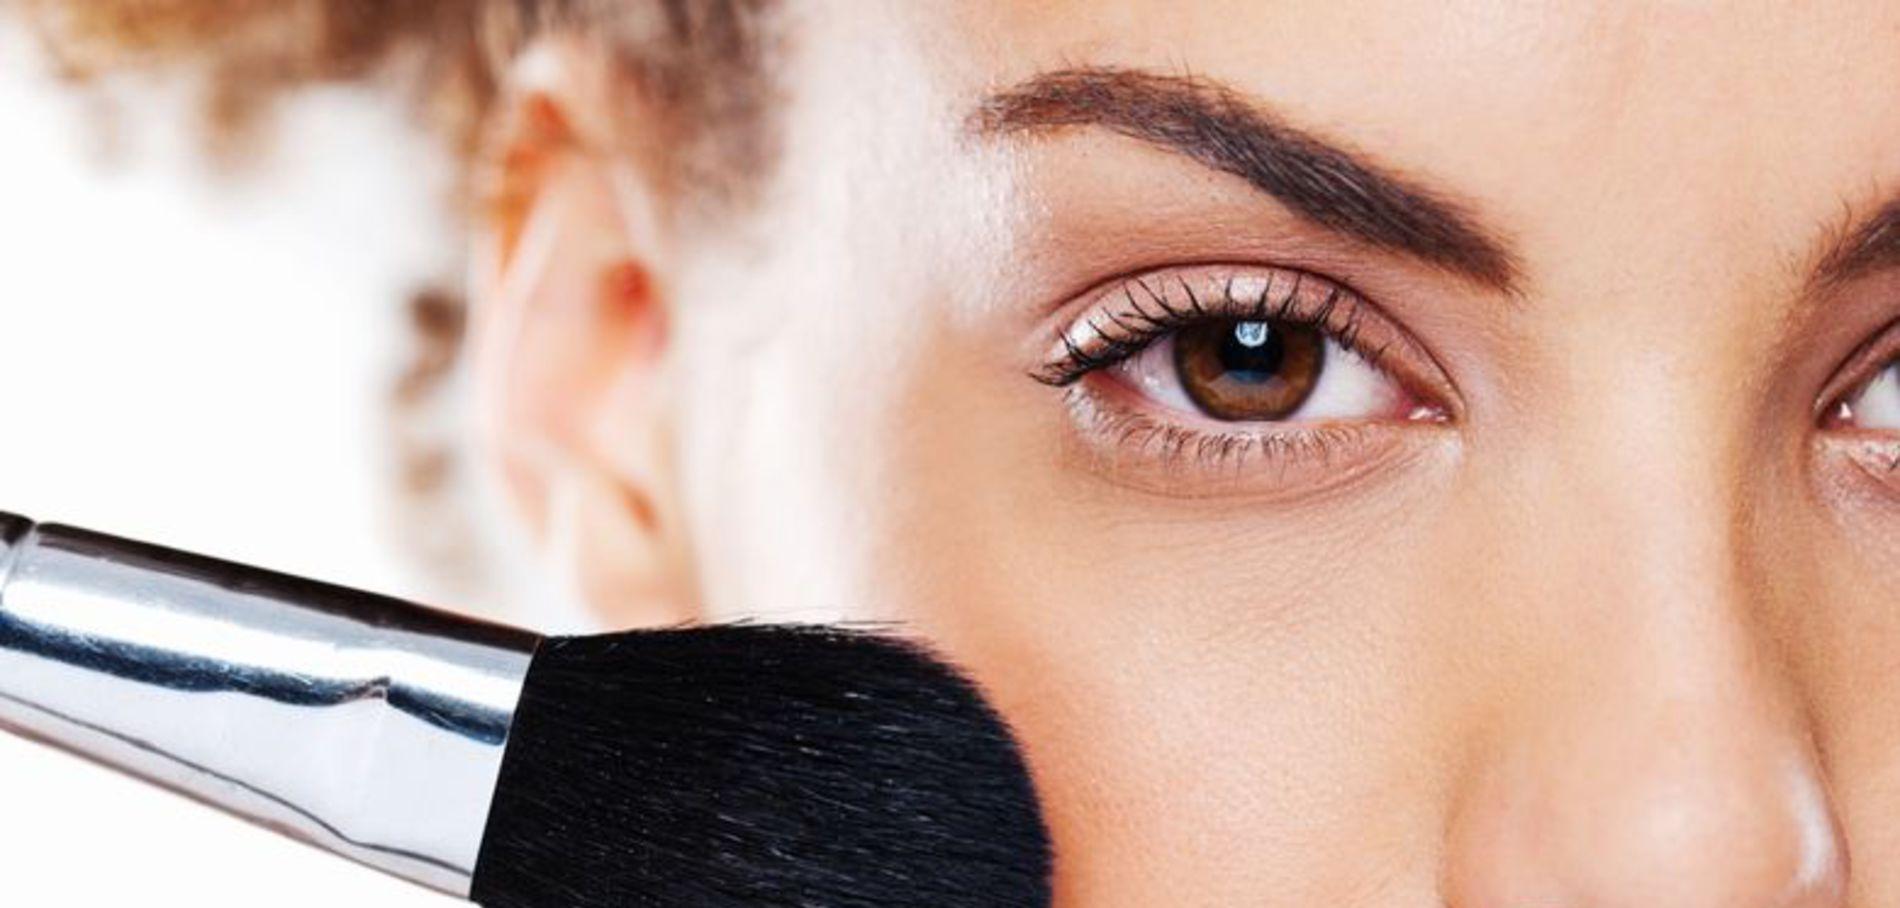 Maquillage-bio-comment-fabriquer-votre-propre-fond-de-teint_exact1900x908_l